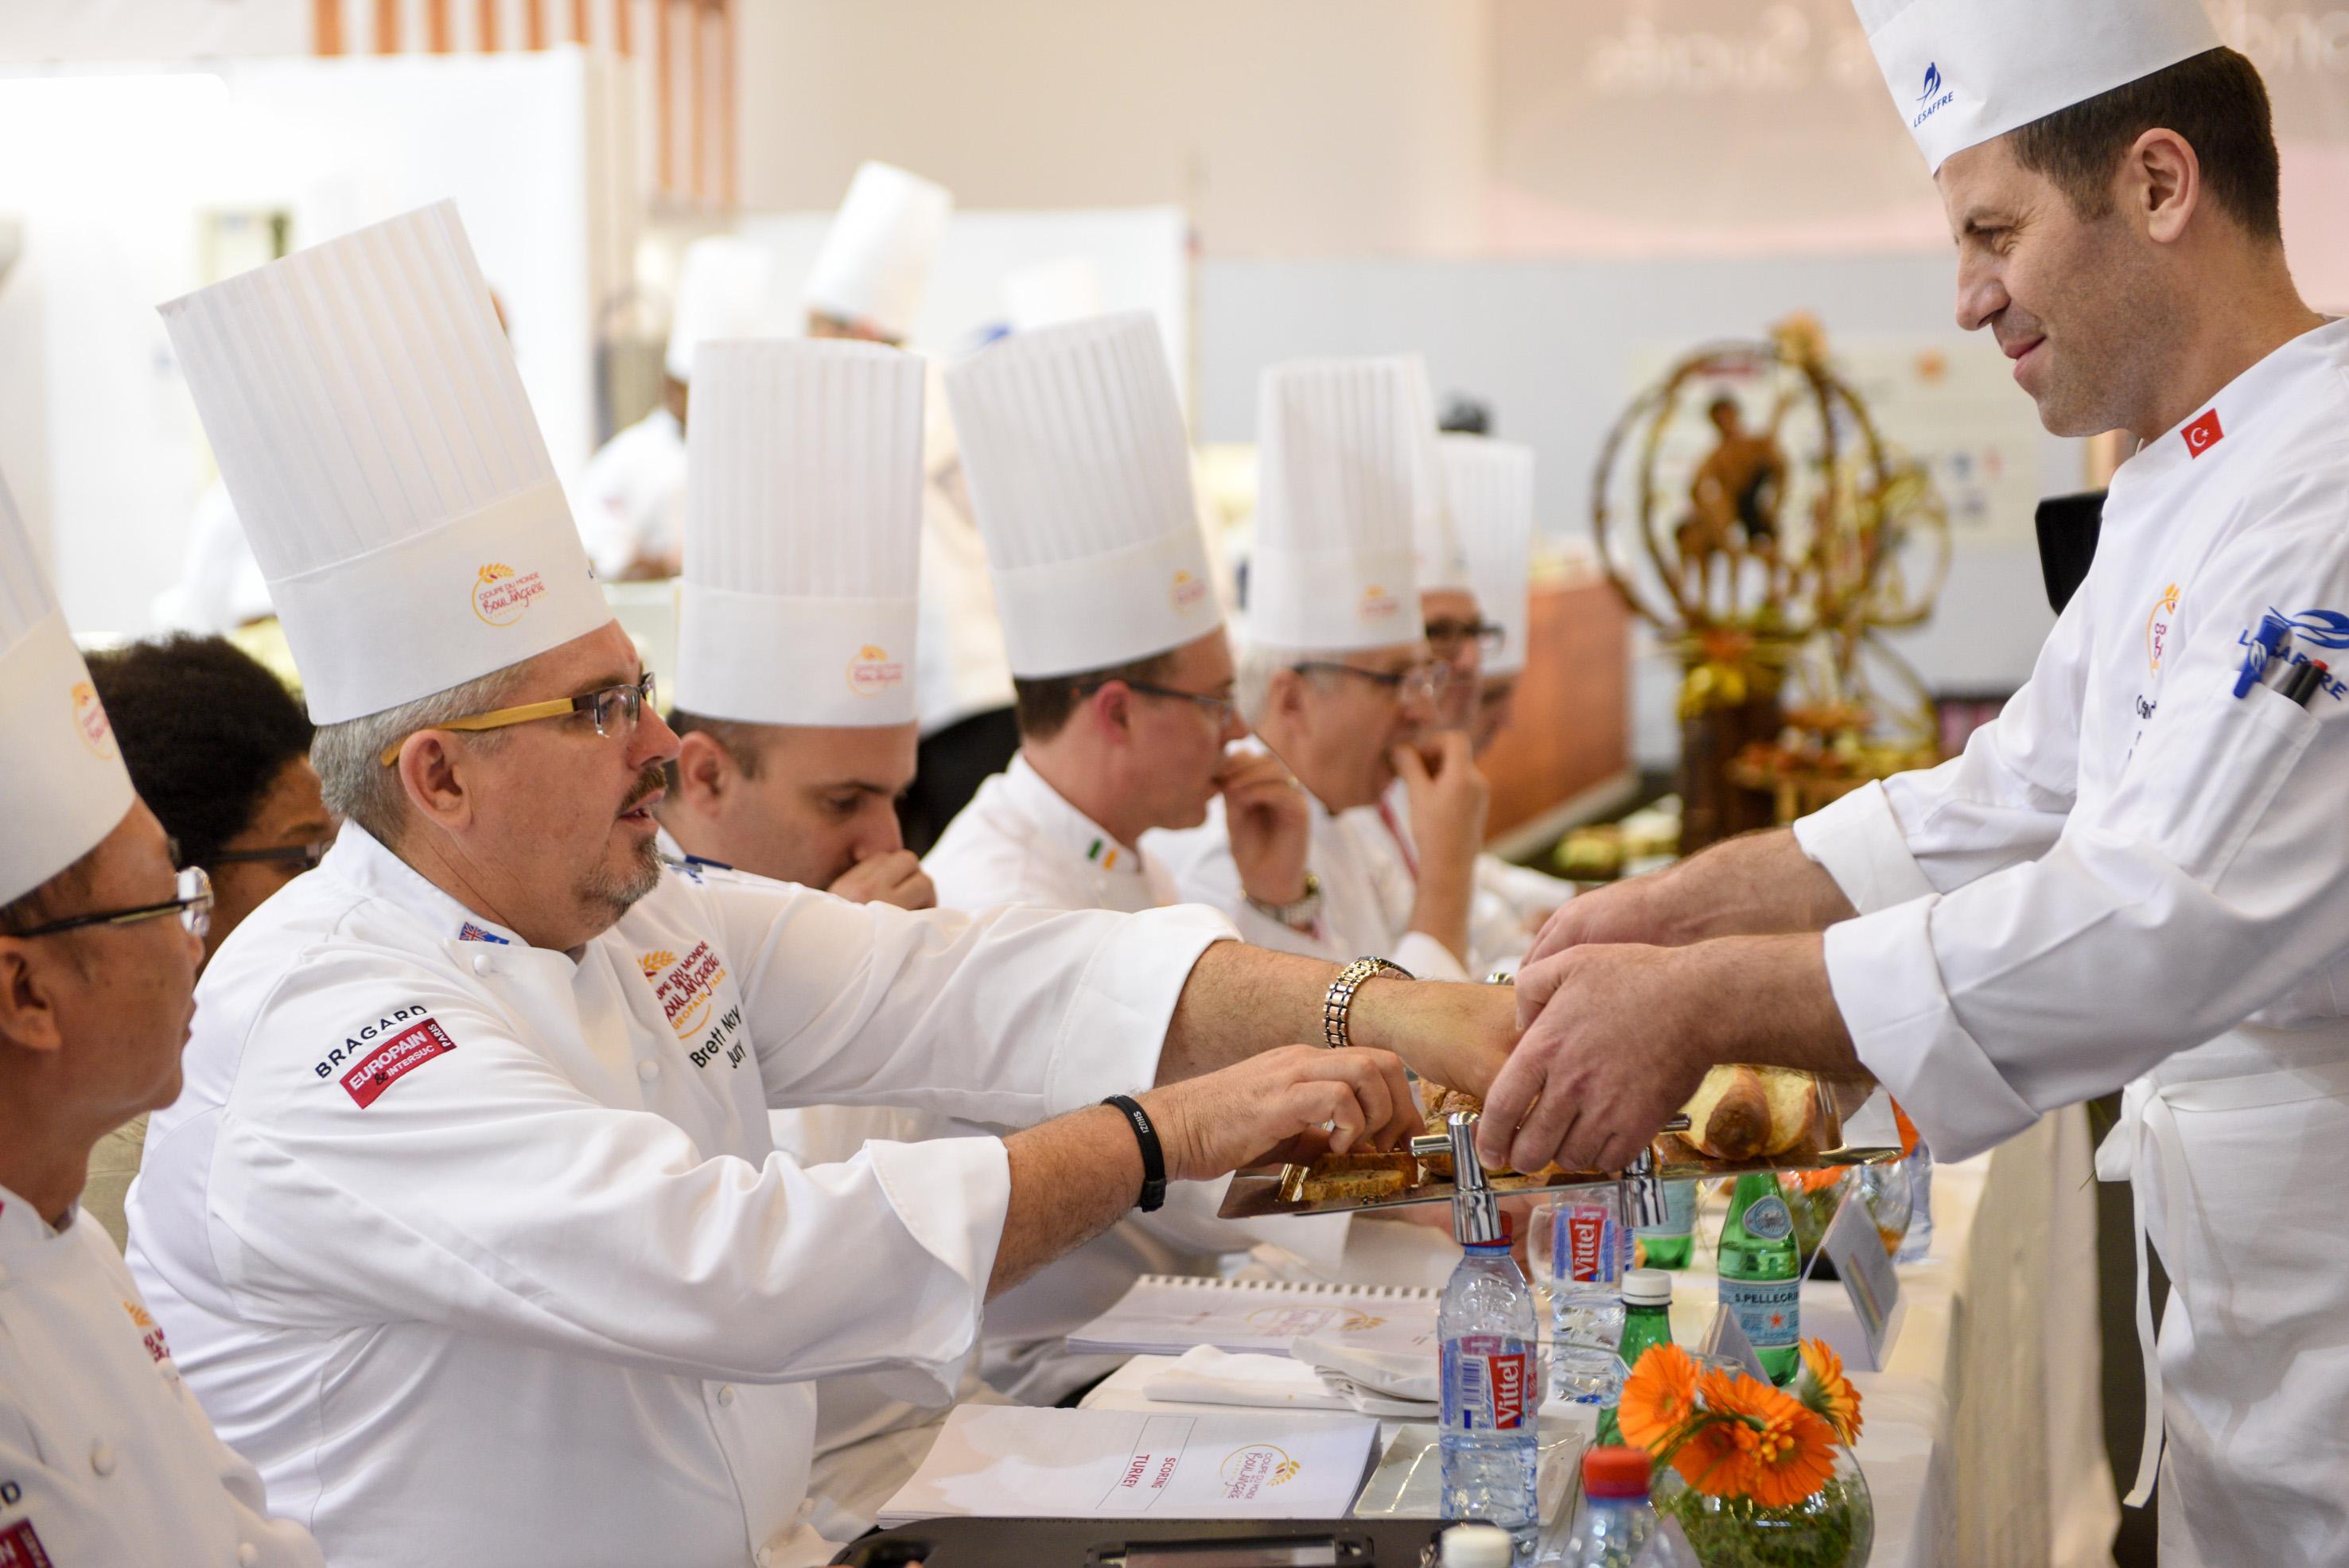 Bir Türk fırıncı, alanında dünyanın en prestijli yarışmalarından biri olan Bakery Masters'ta ilk kez Türkiye'yi temsil edecek.